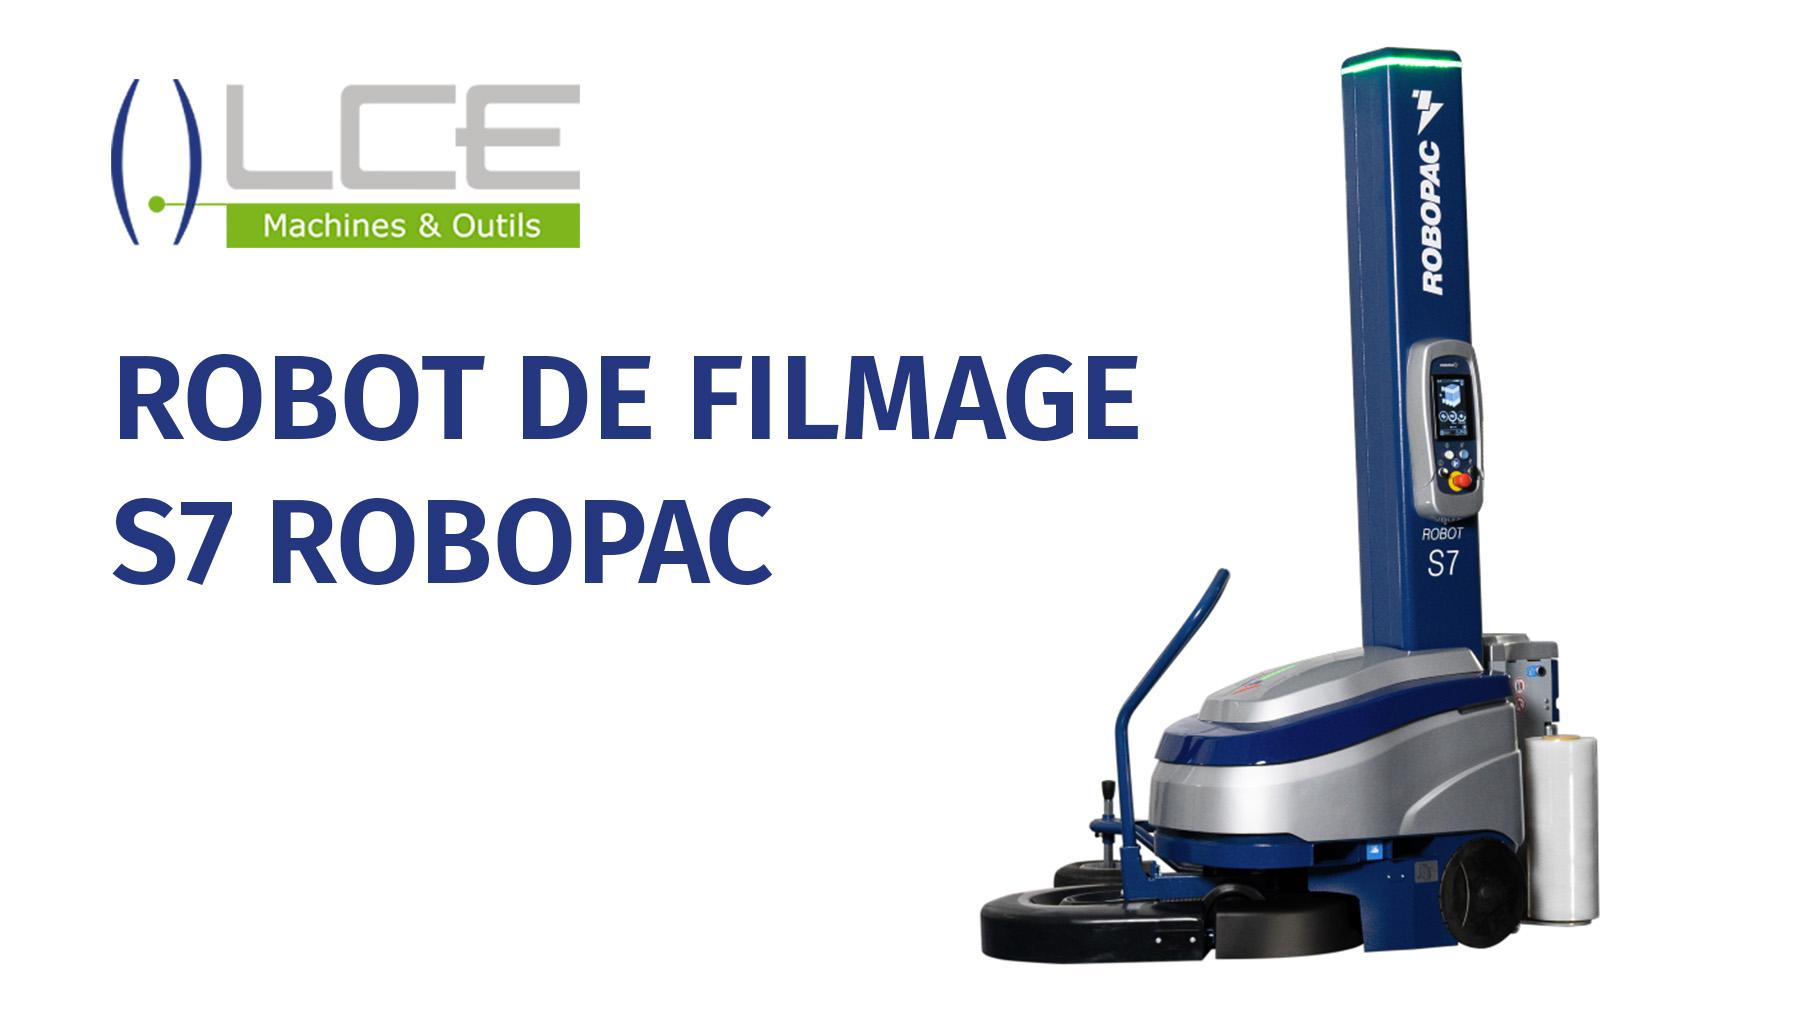 Robot filmage/banderolage de palettes Robopac S7